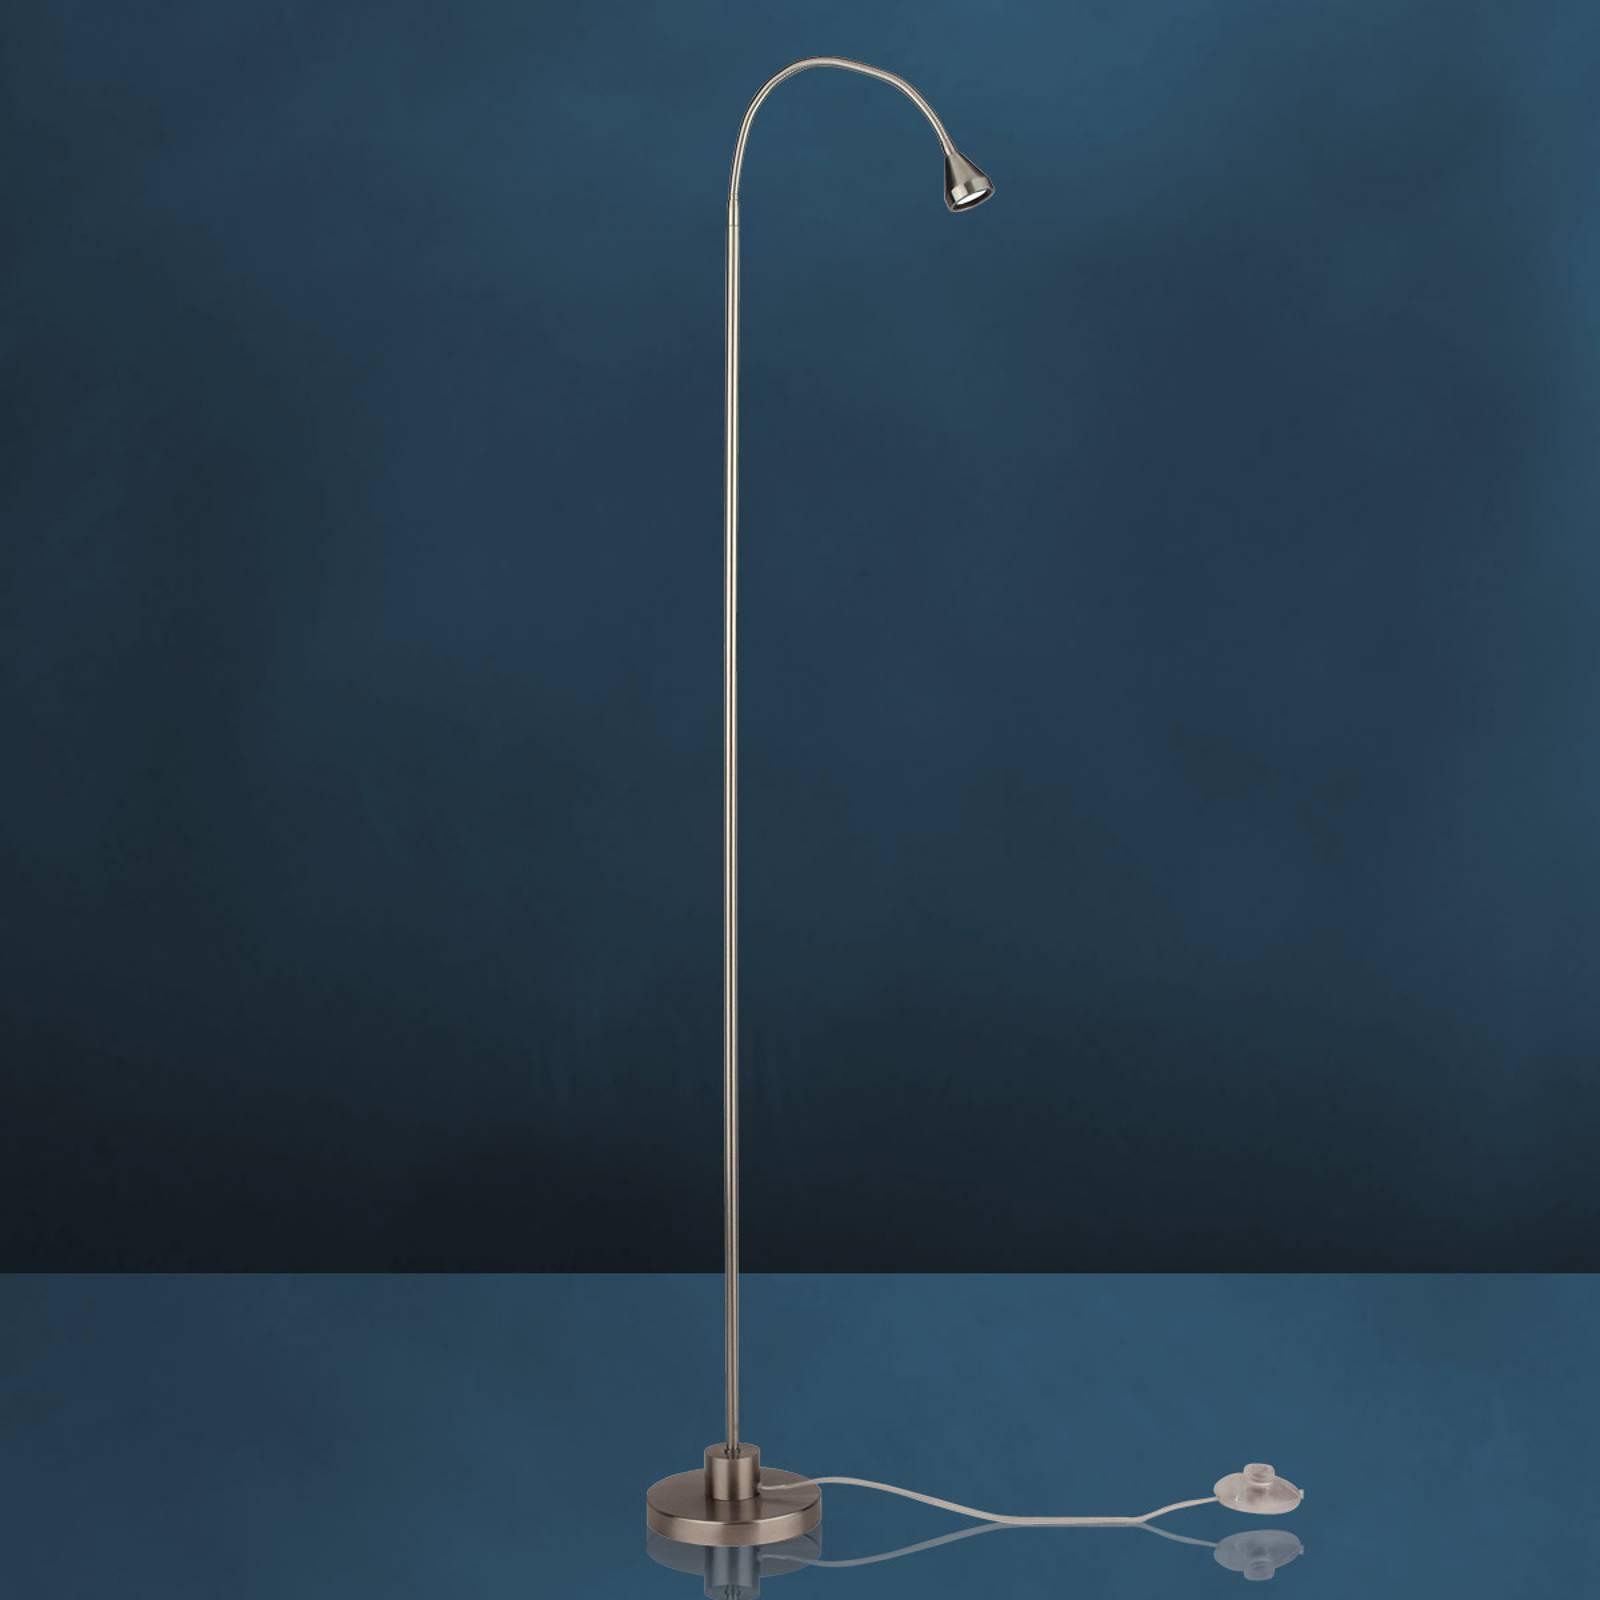 Moderni LED-lattiavalo MINI, lämmin valkoinen